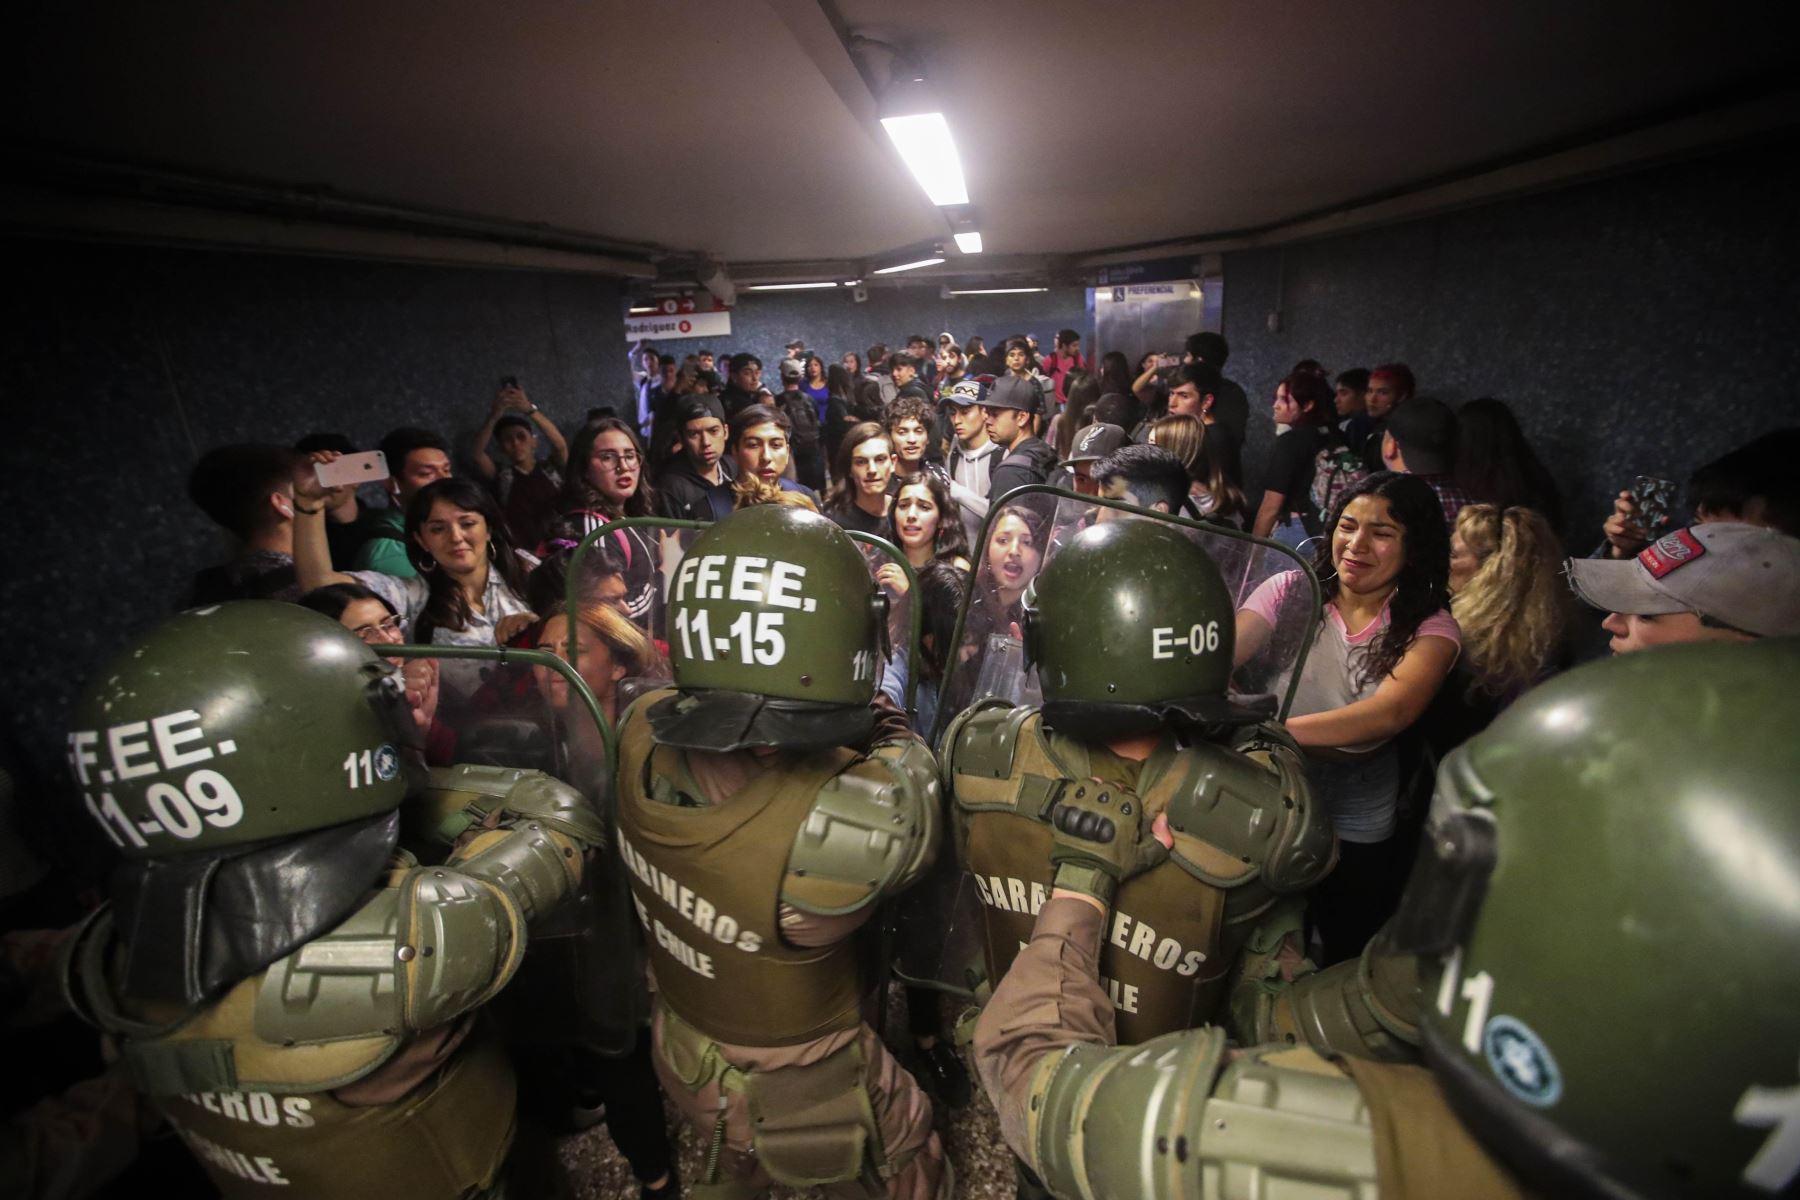 Estudiantes escolares y universitarios se unieron a una protesta masiva de evasión de tarifas en el metro de Santiago después de la tarifa más alta aumento en los últimos años, paralizando dos de sus líneas principales. Foto: EFE